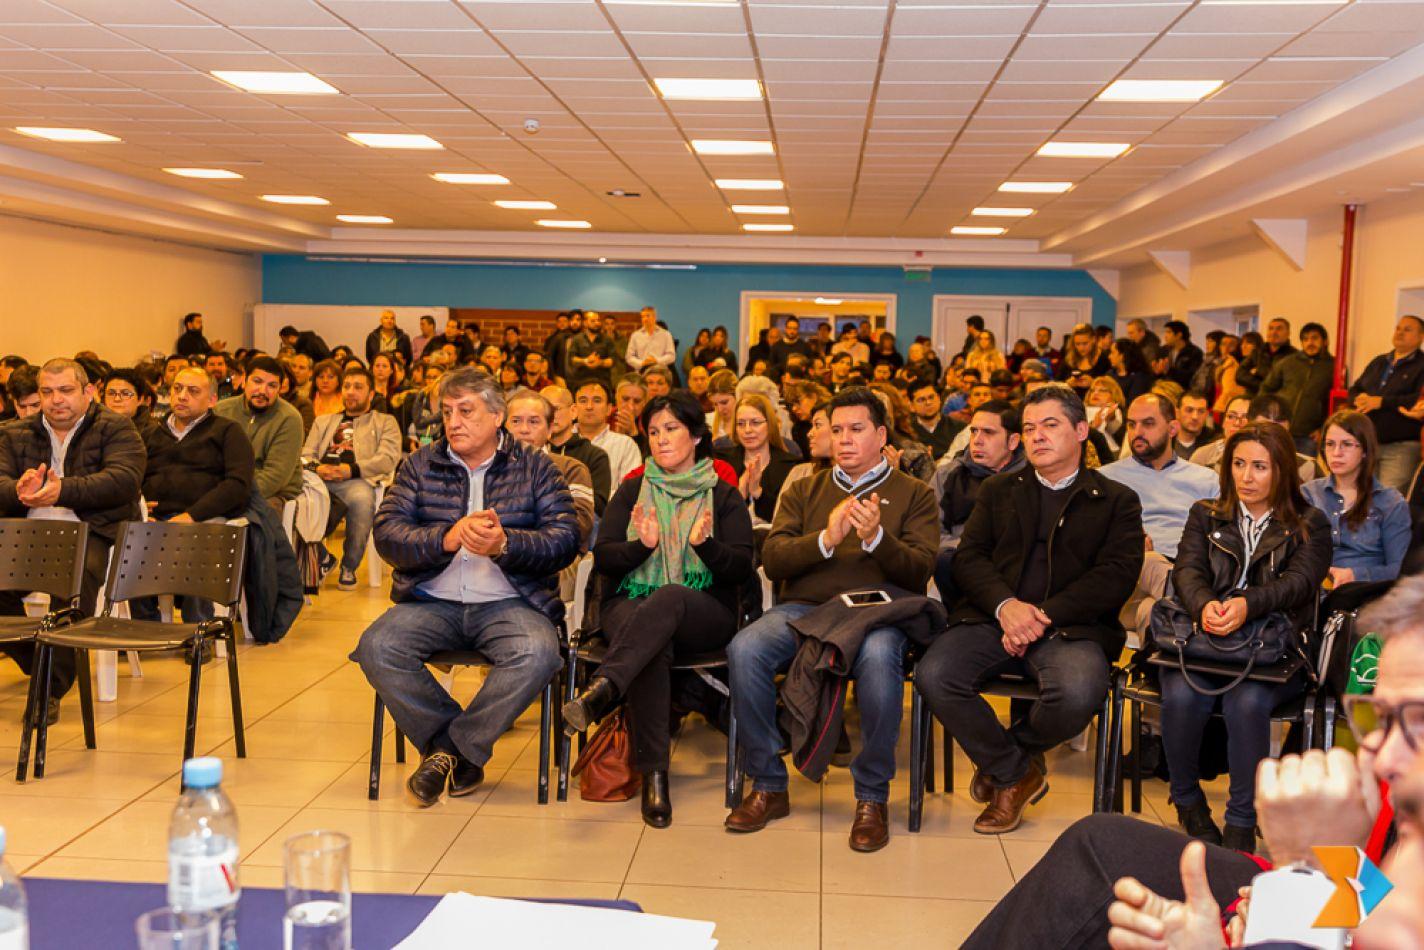 La legisladora Myriam Martínez  presidió sendas reuniones de la Comisión de Legislación General (1), realizadas en Río Grande y Ushuaia